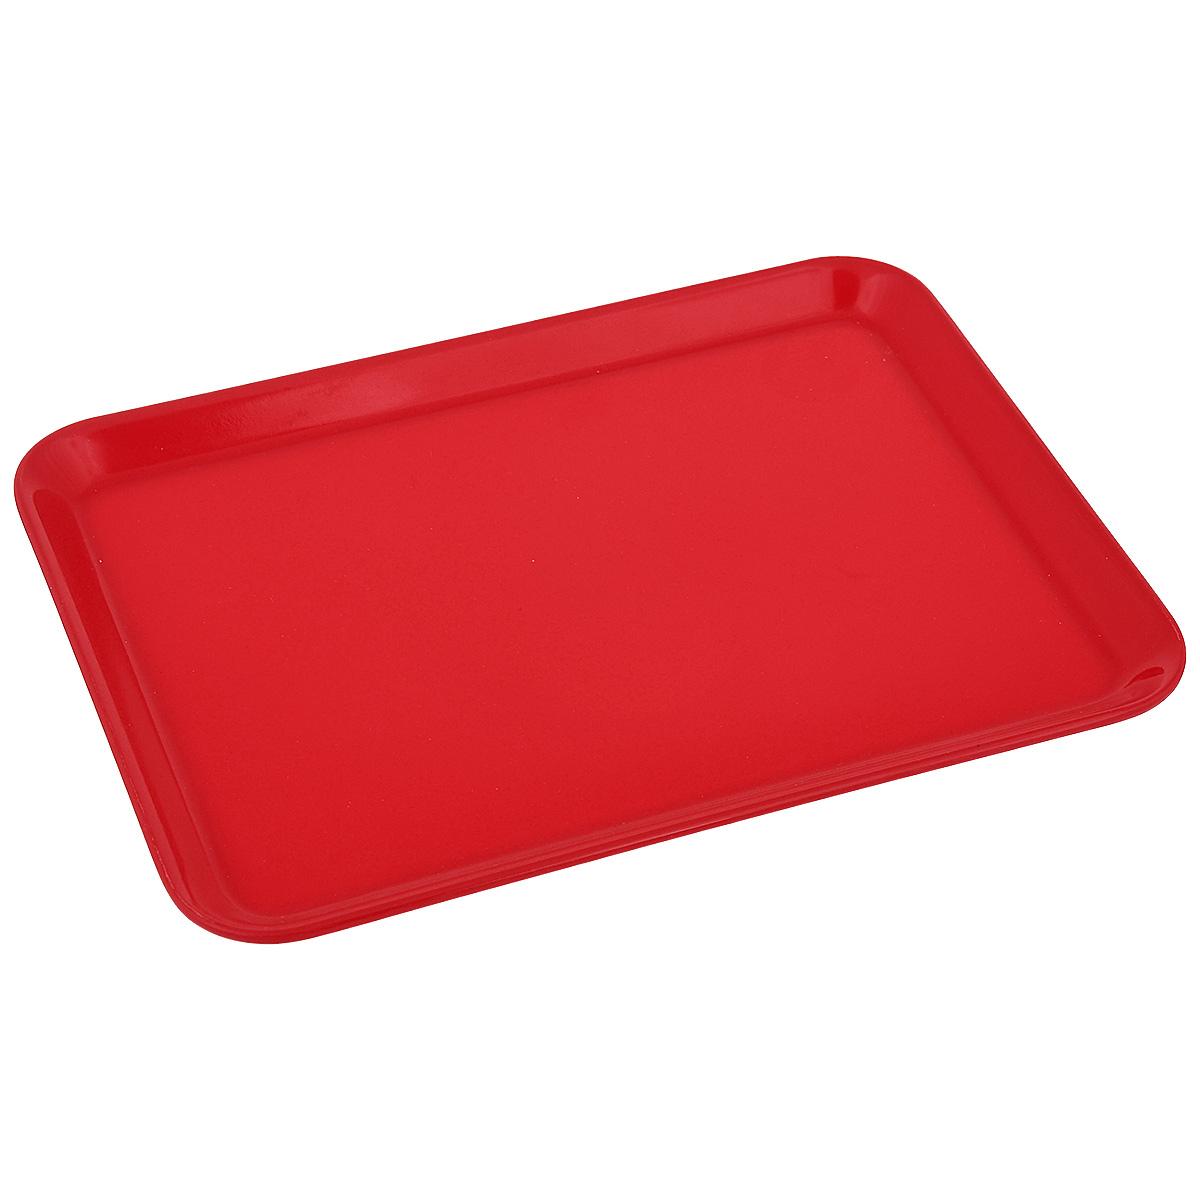 Поднос Zeller, цвет: красный, 24 см х 18 смVT-1520(SR)Оригинальный поднос Zeller, изготовленный из пластика, станет незаменимым предметом для сервировки стола. Поднос не только дополнит интерьер вашей кухни, но и предохранит поверхность стола от грязи и перегрева. Яркий и стильный поднос Zeller придется по вкусу и ценителям классики, и тем, кто предпочитает современный стиль.